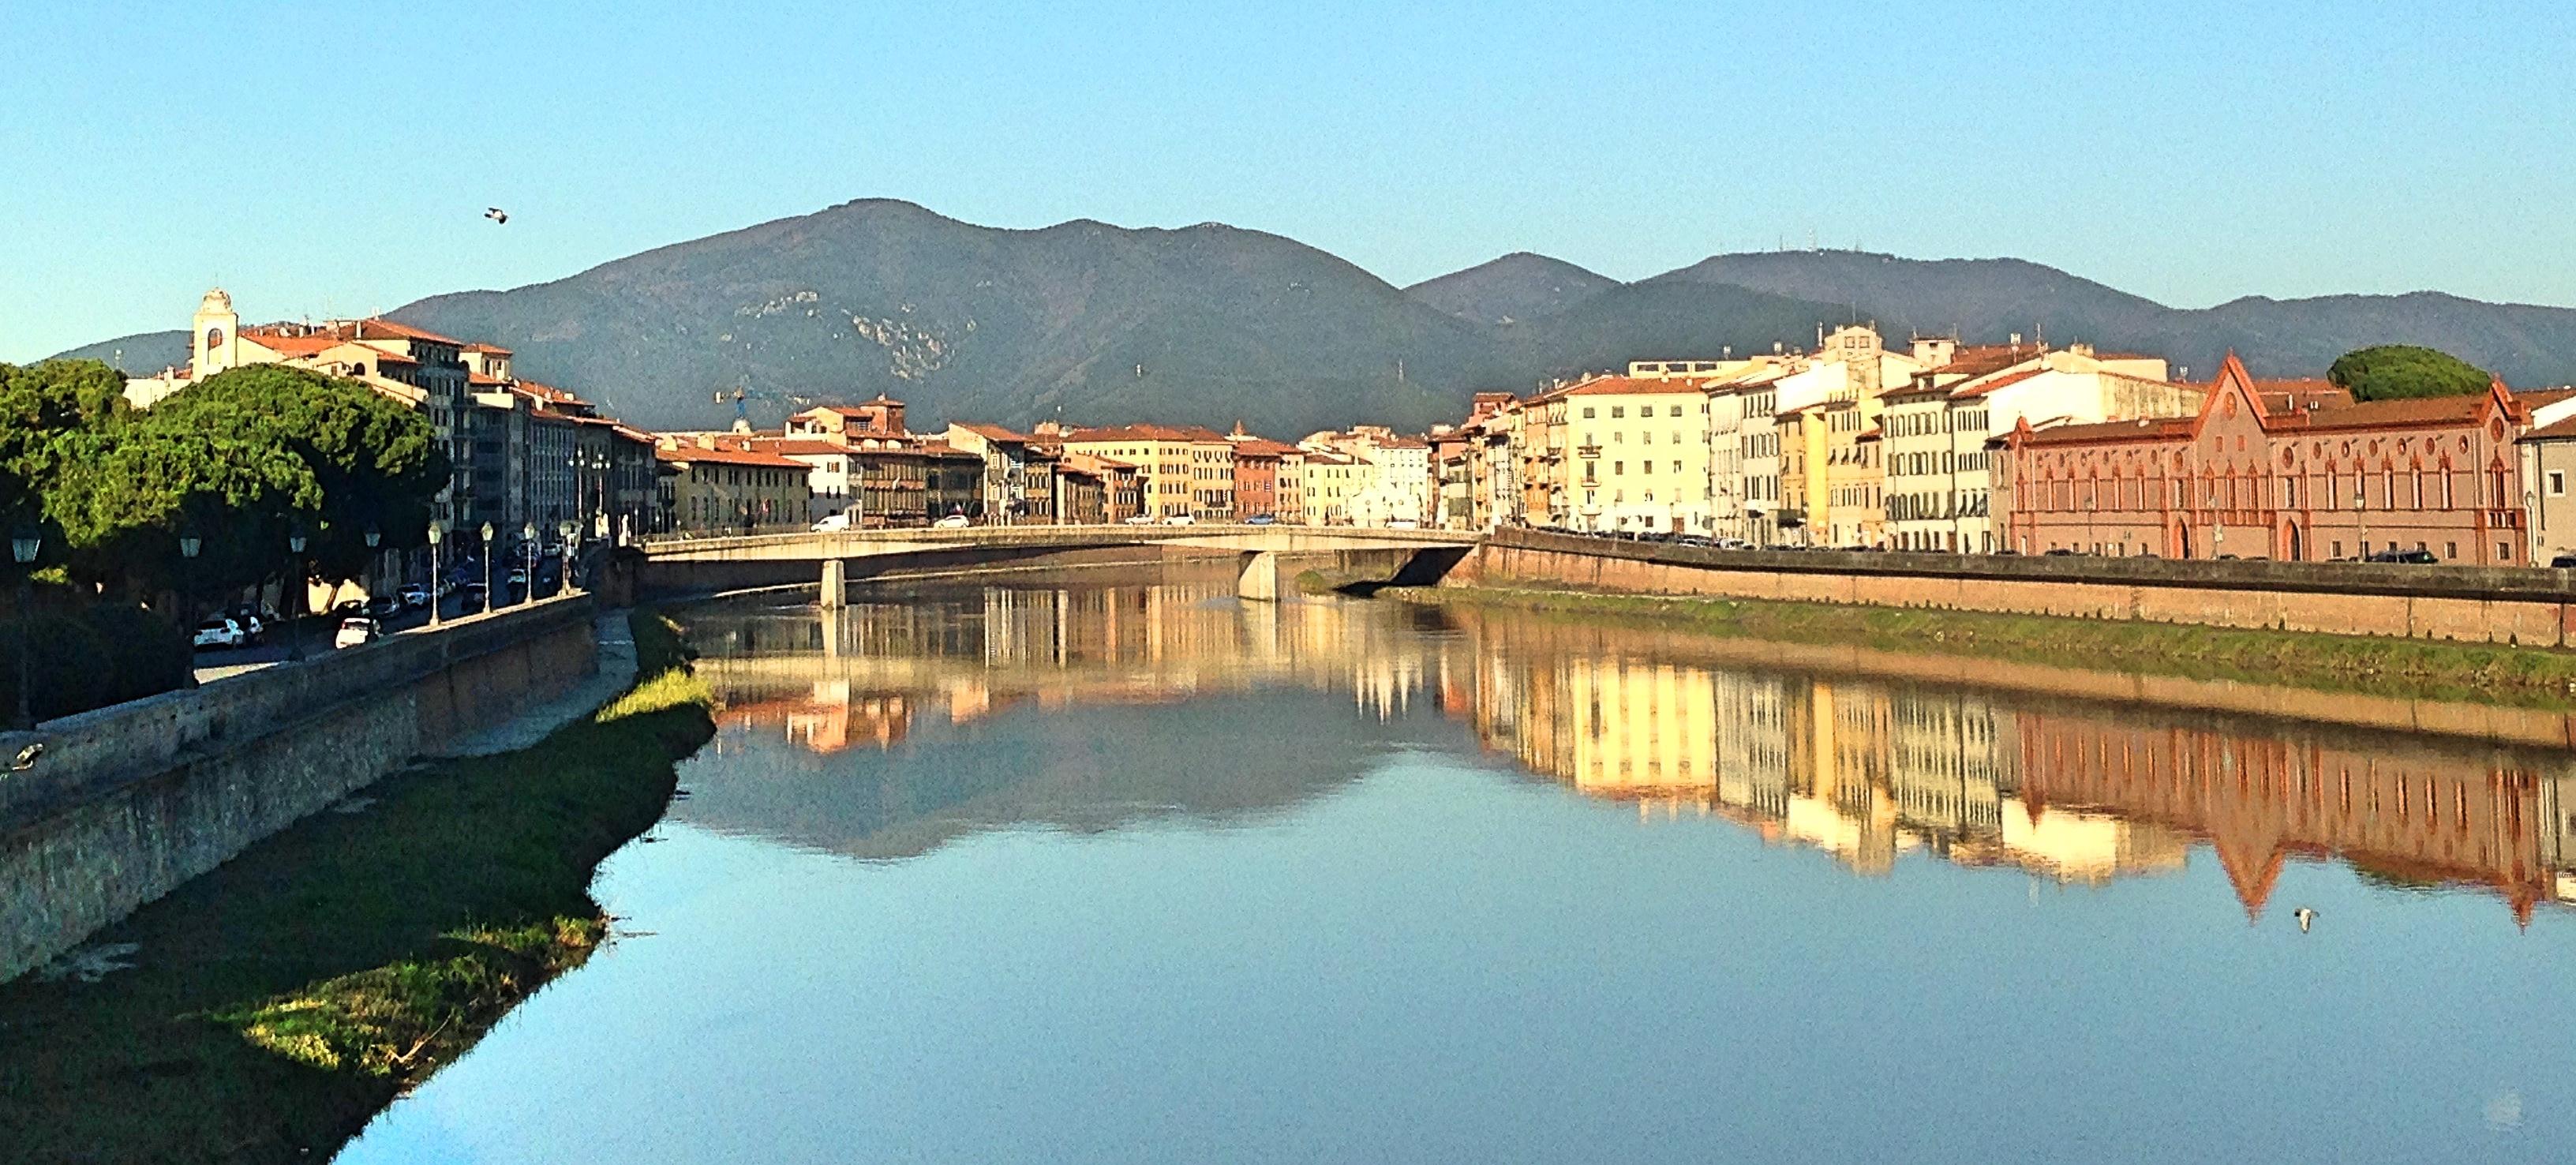 Pisa_river